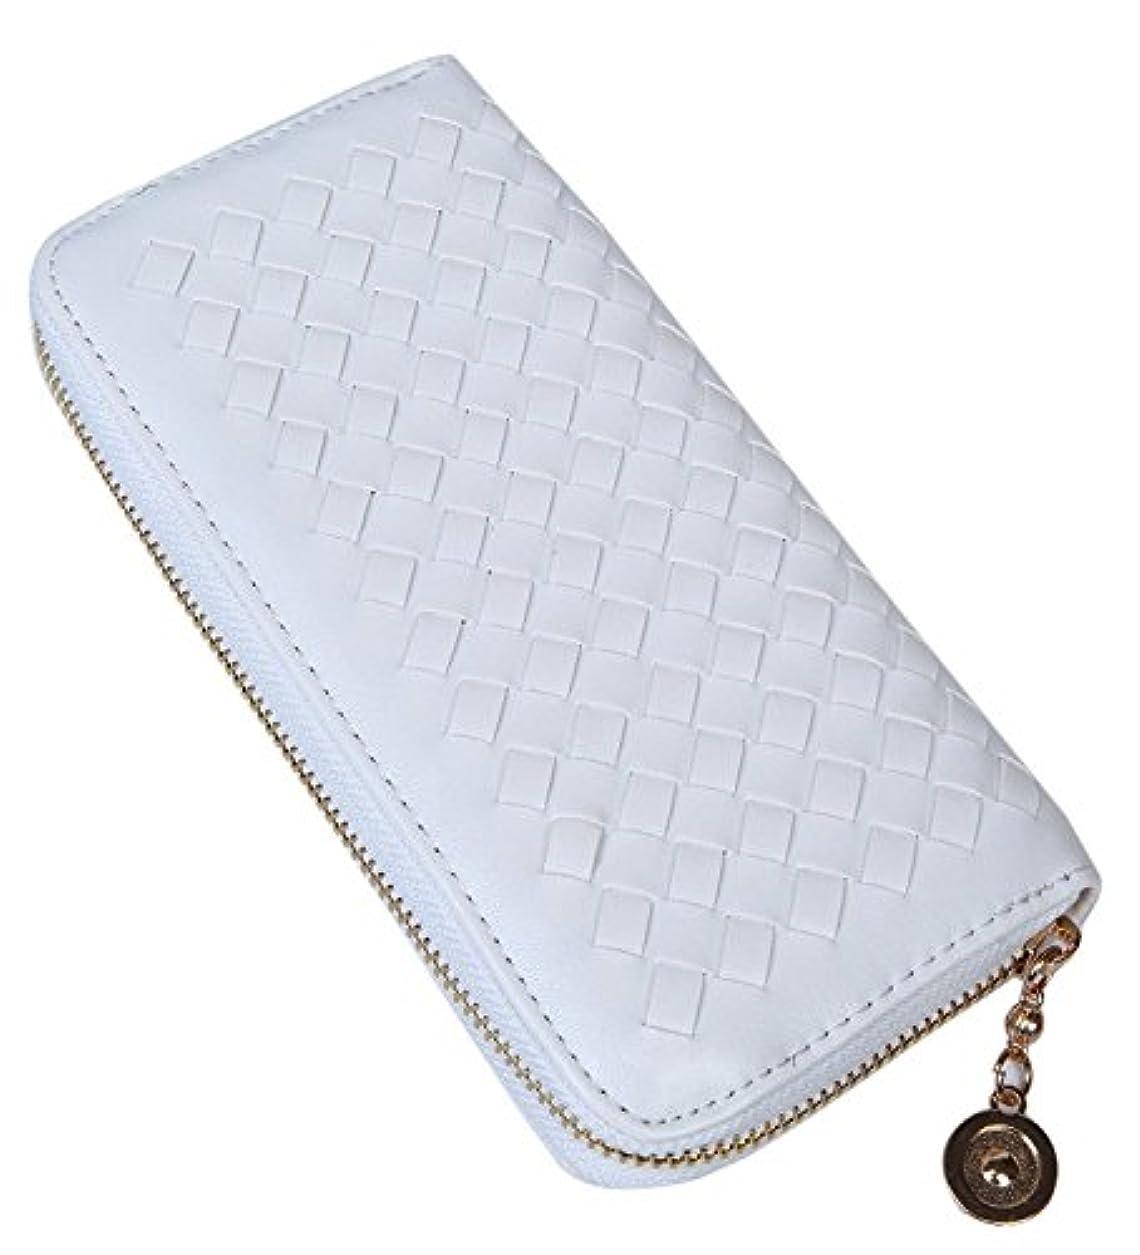 骨の折れる本物状H&Co.select 長財布 ラウンドファスナー 編込み デザイン PUレザー